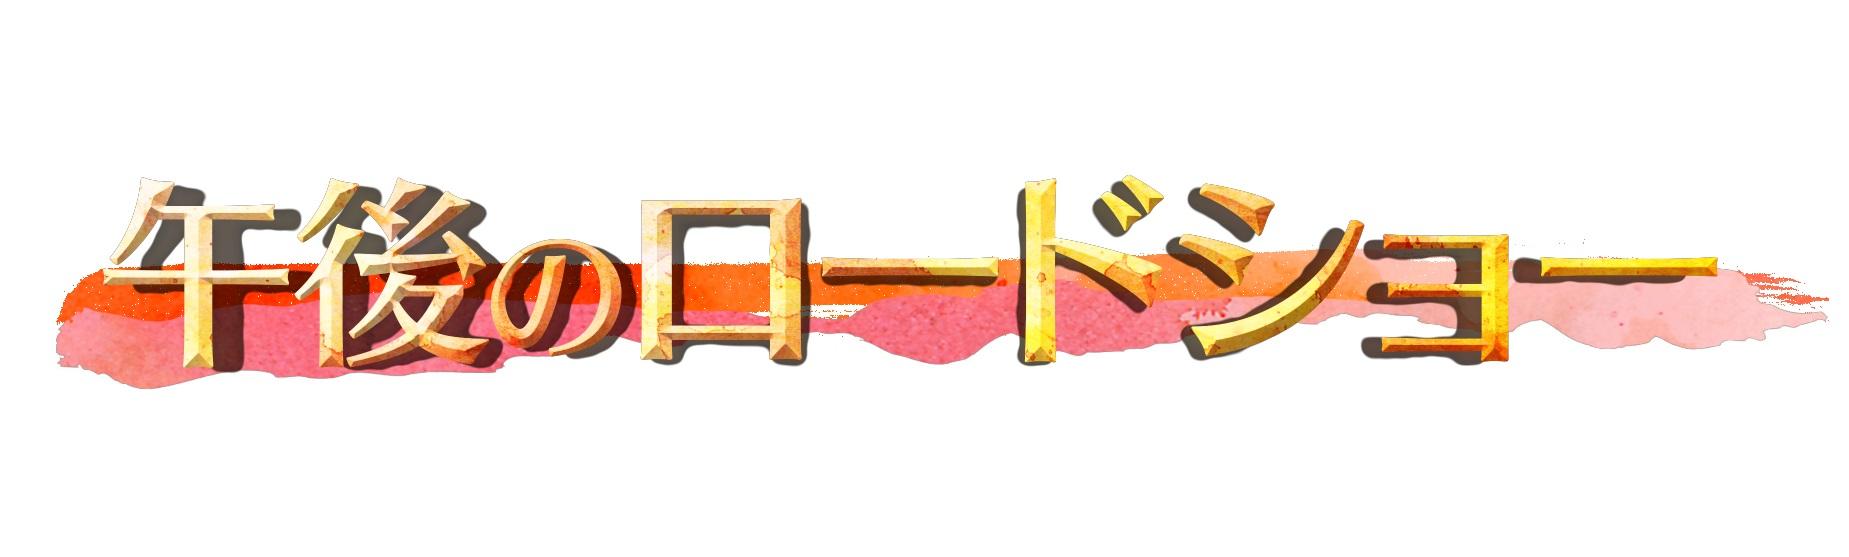 【朗報】「ブレないテレ東」伝説支える『午後のロードショー』、4月から金曜日追加し月~金放送に